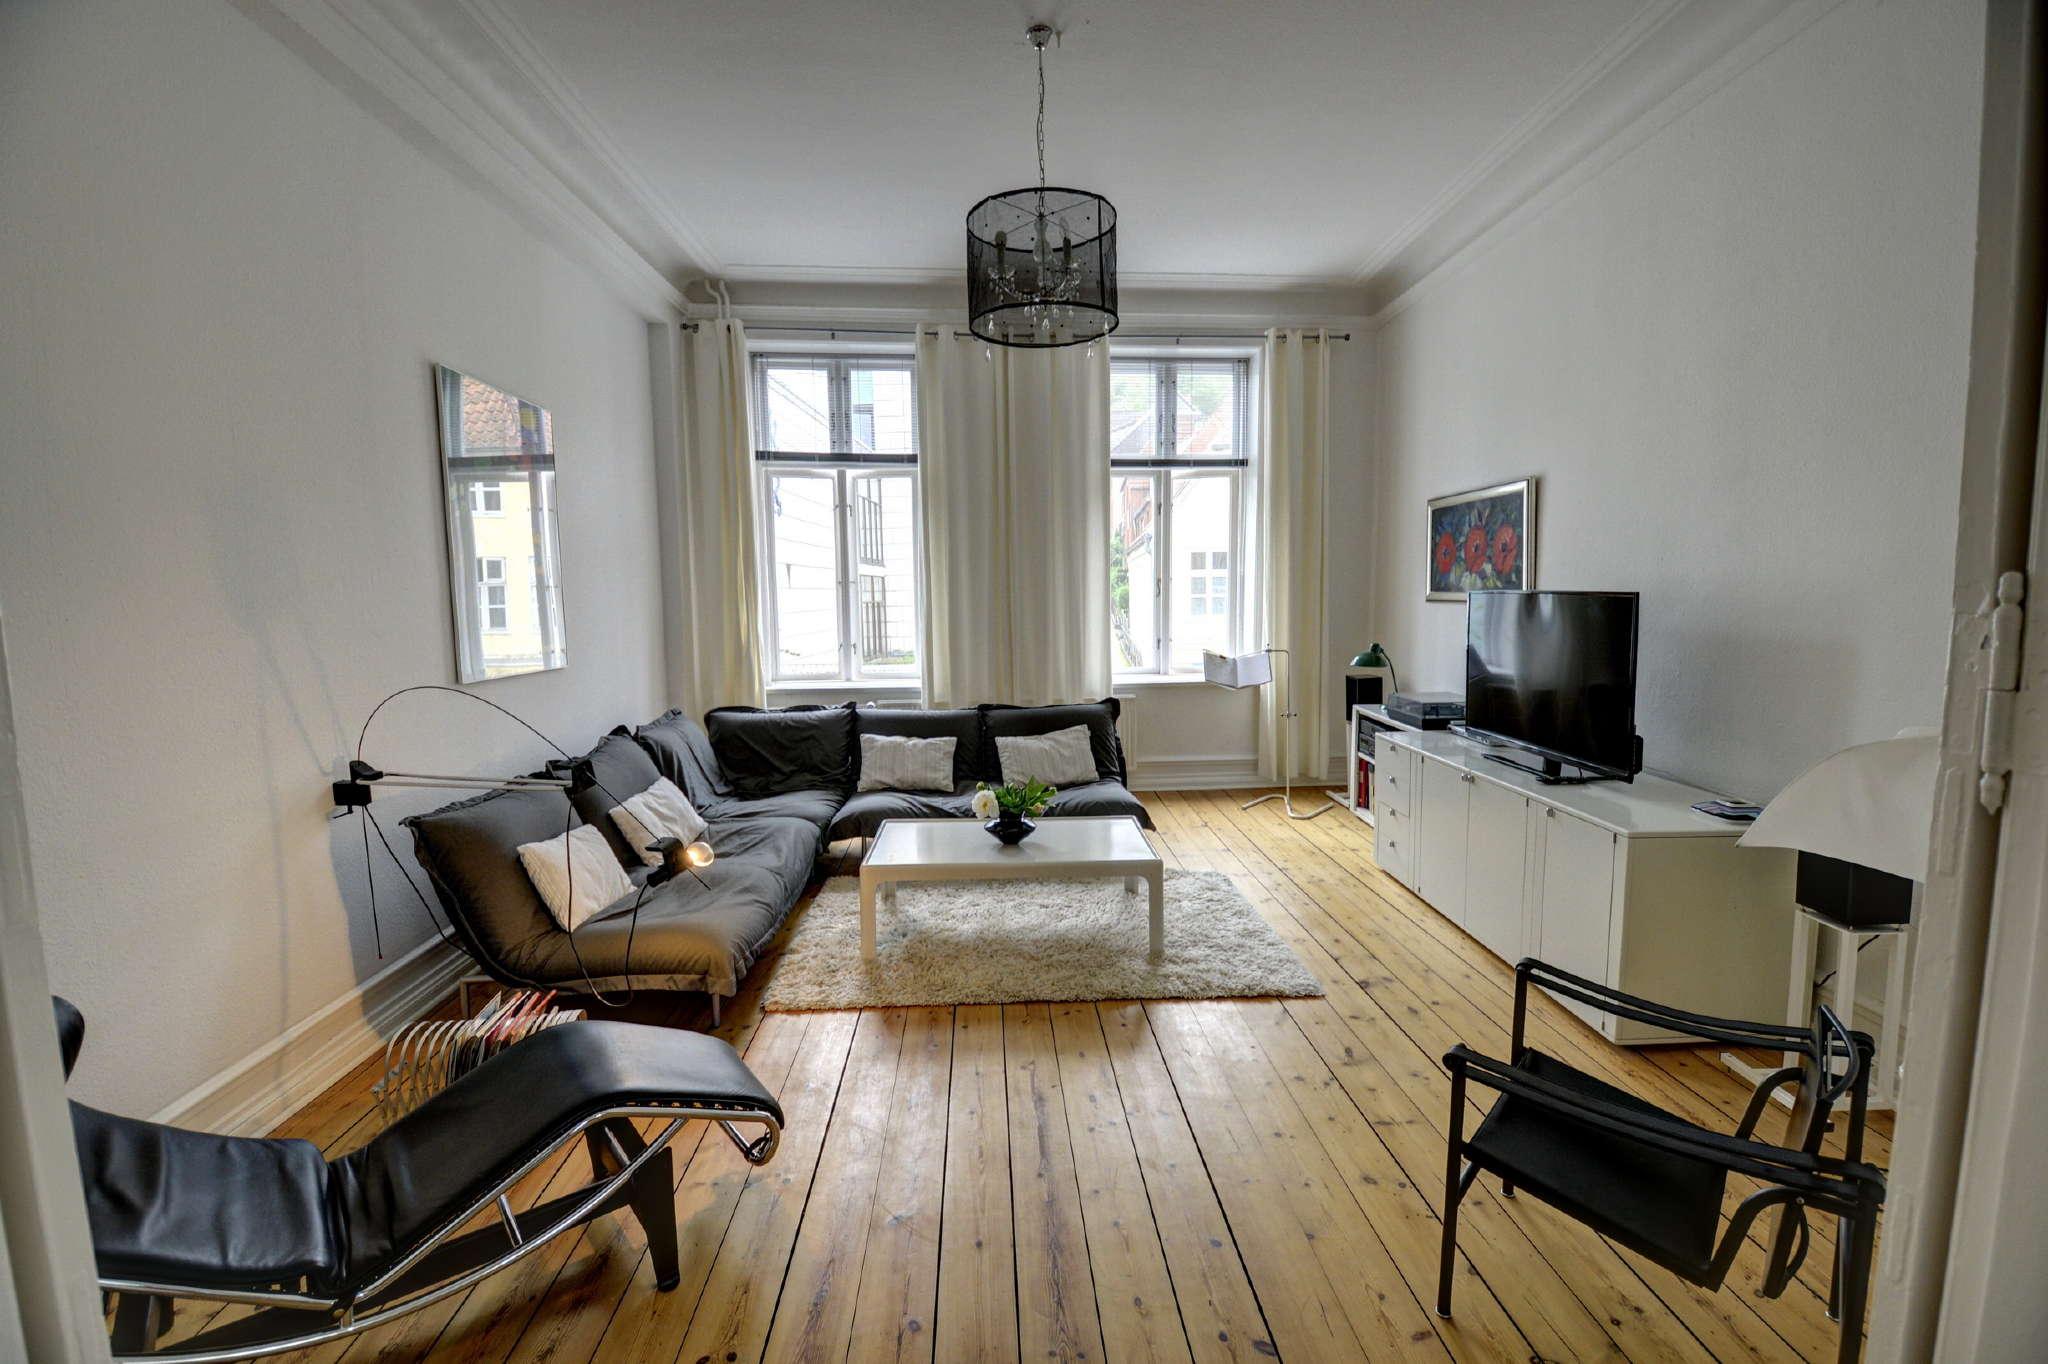 Bürgerhaus am Oluf - Wohnzimmer